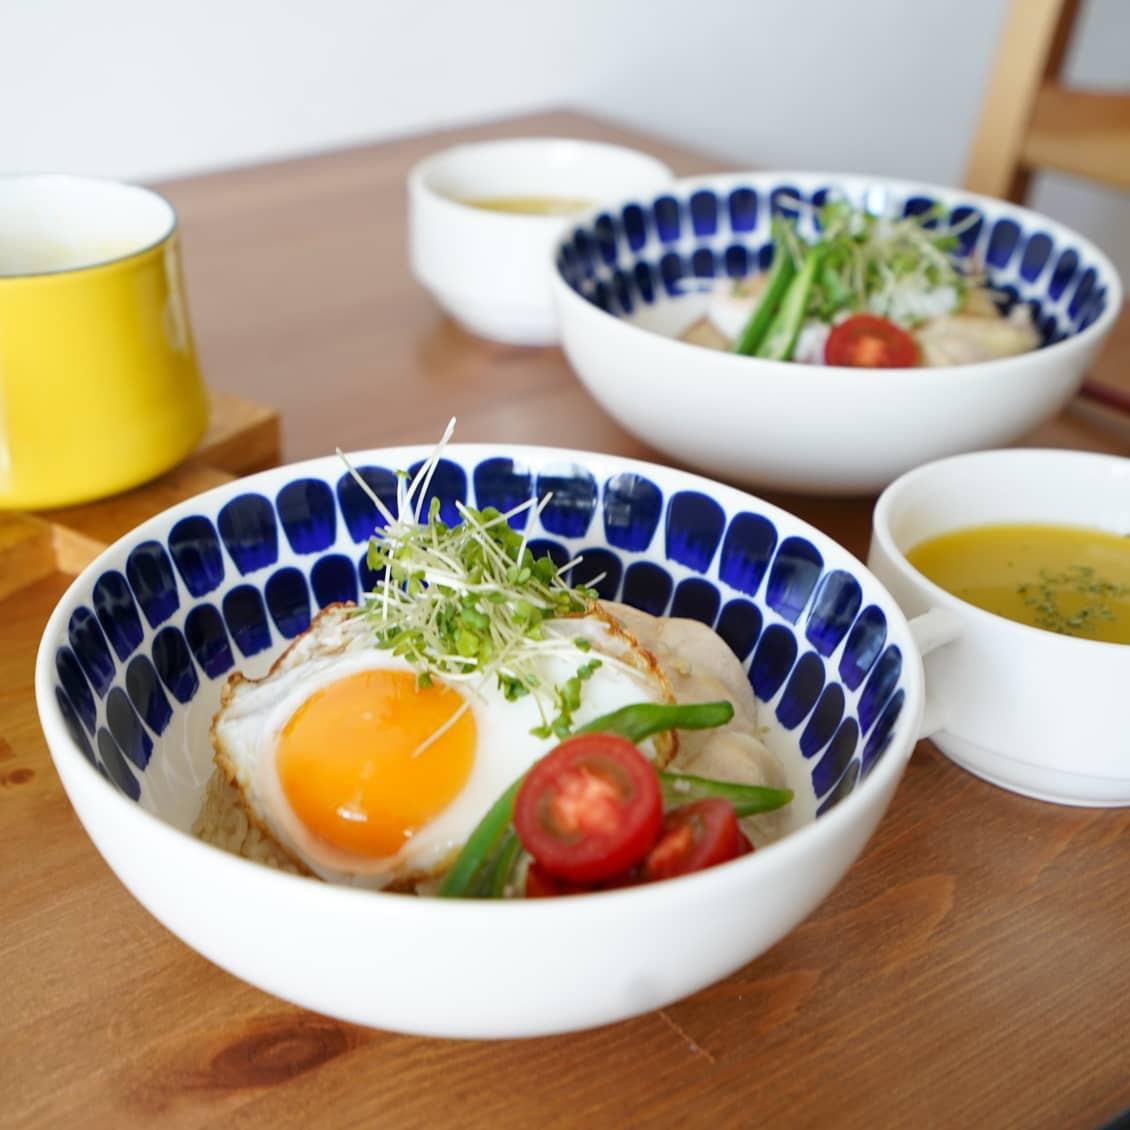 【スタッフの愛用品】盛り付けしやすいのが良い!TUOKIOのボウルが毎日の食卓で活躍中です